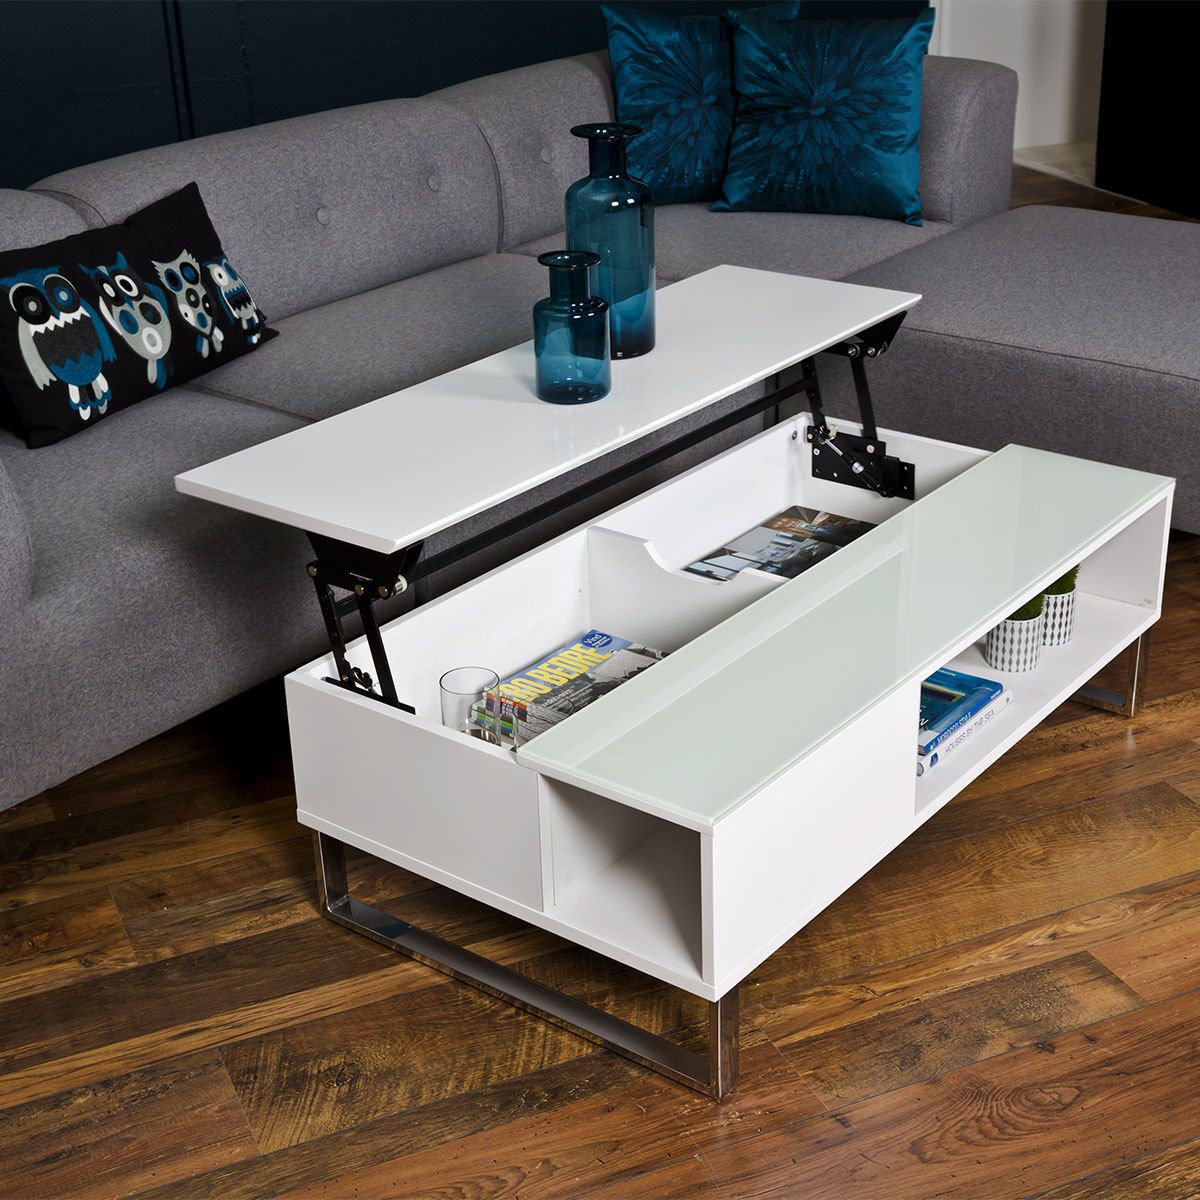 table basse rectangulaire aliz blanc 110 cm 49942 achat vente table basse sur. Black Bedroom Furniture Sets. Home Design Ideas